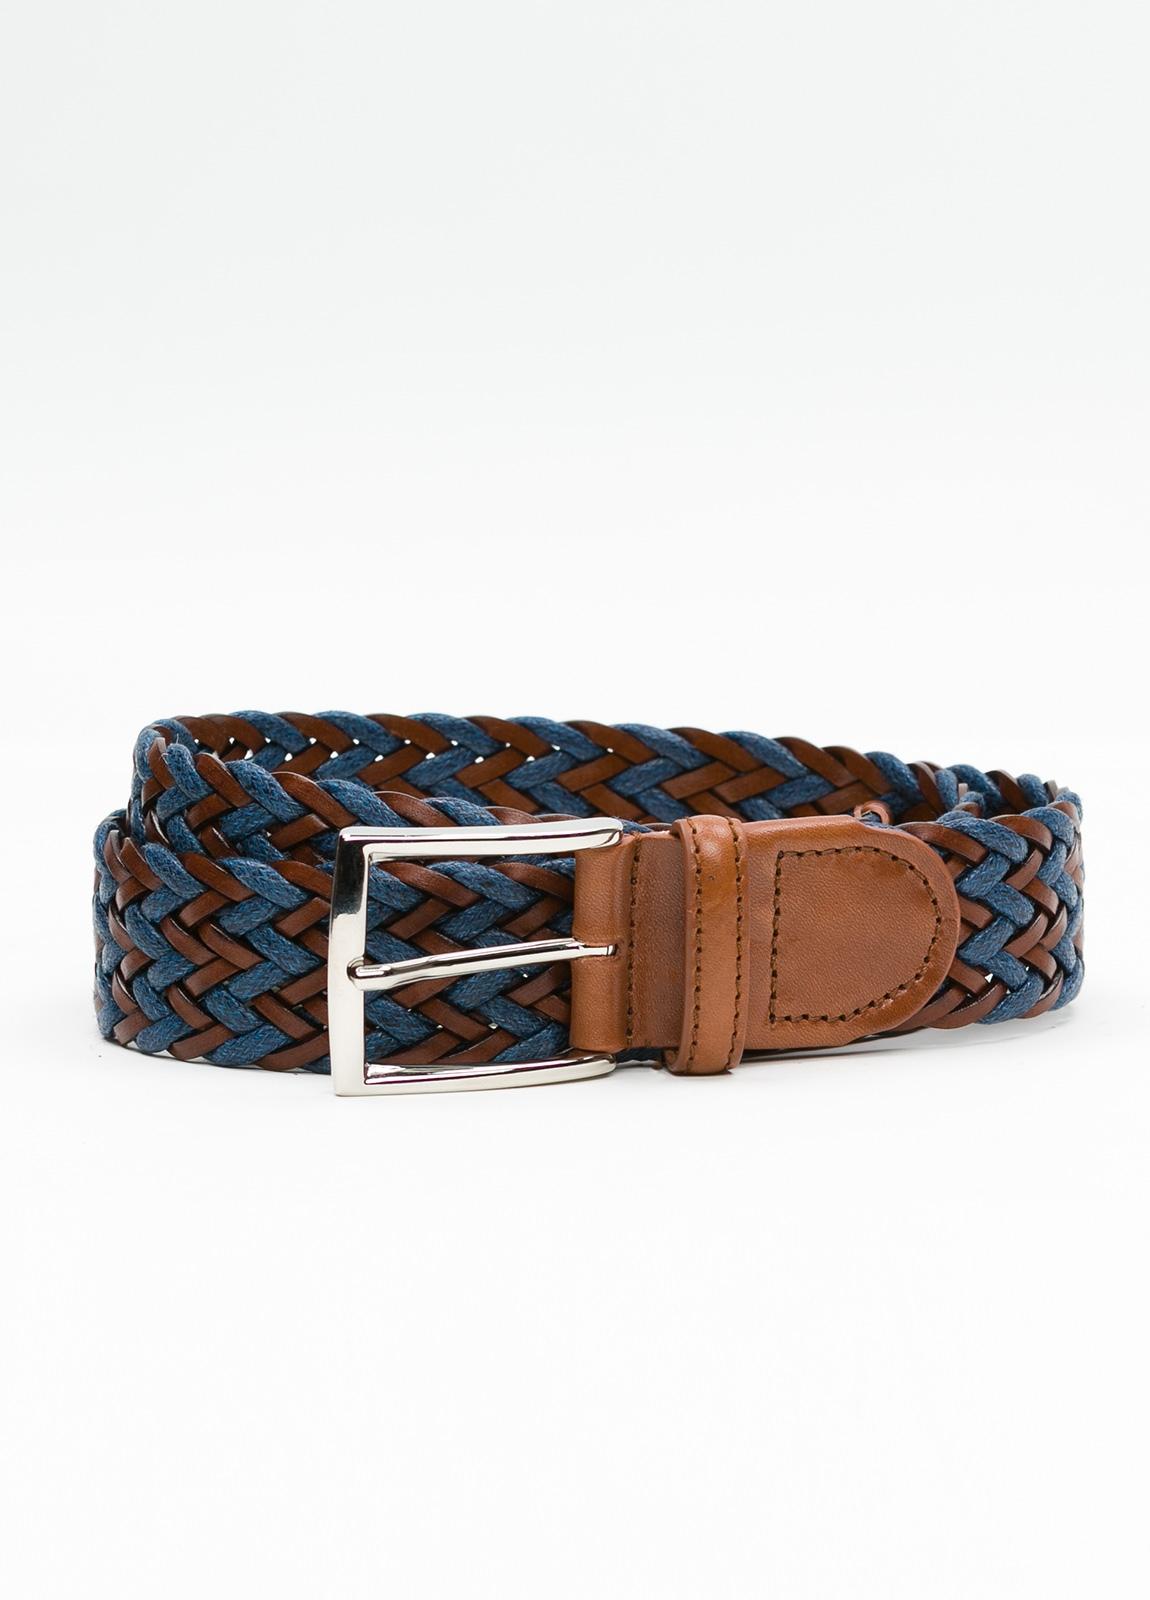 Cinturón Sport trenzado color azul. Piel y lino.